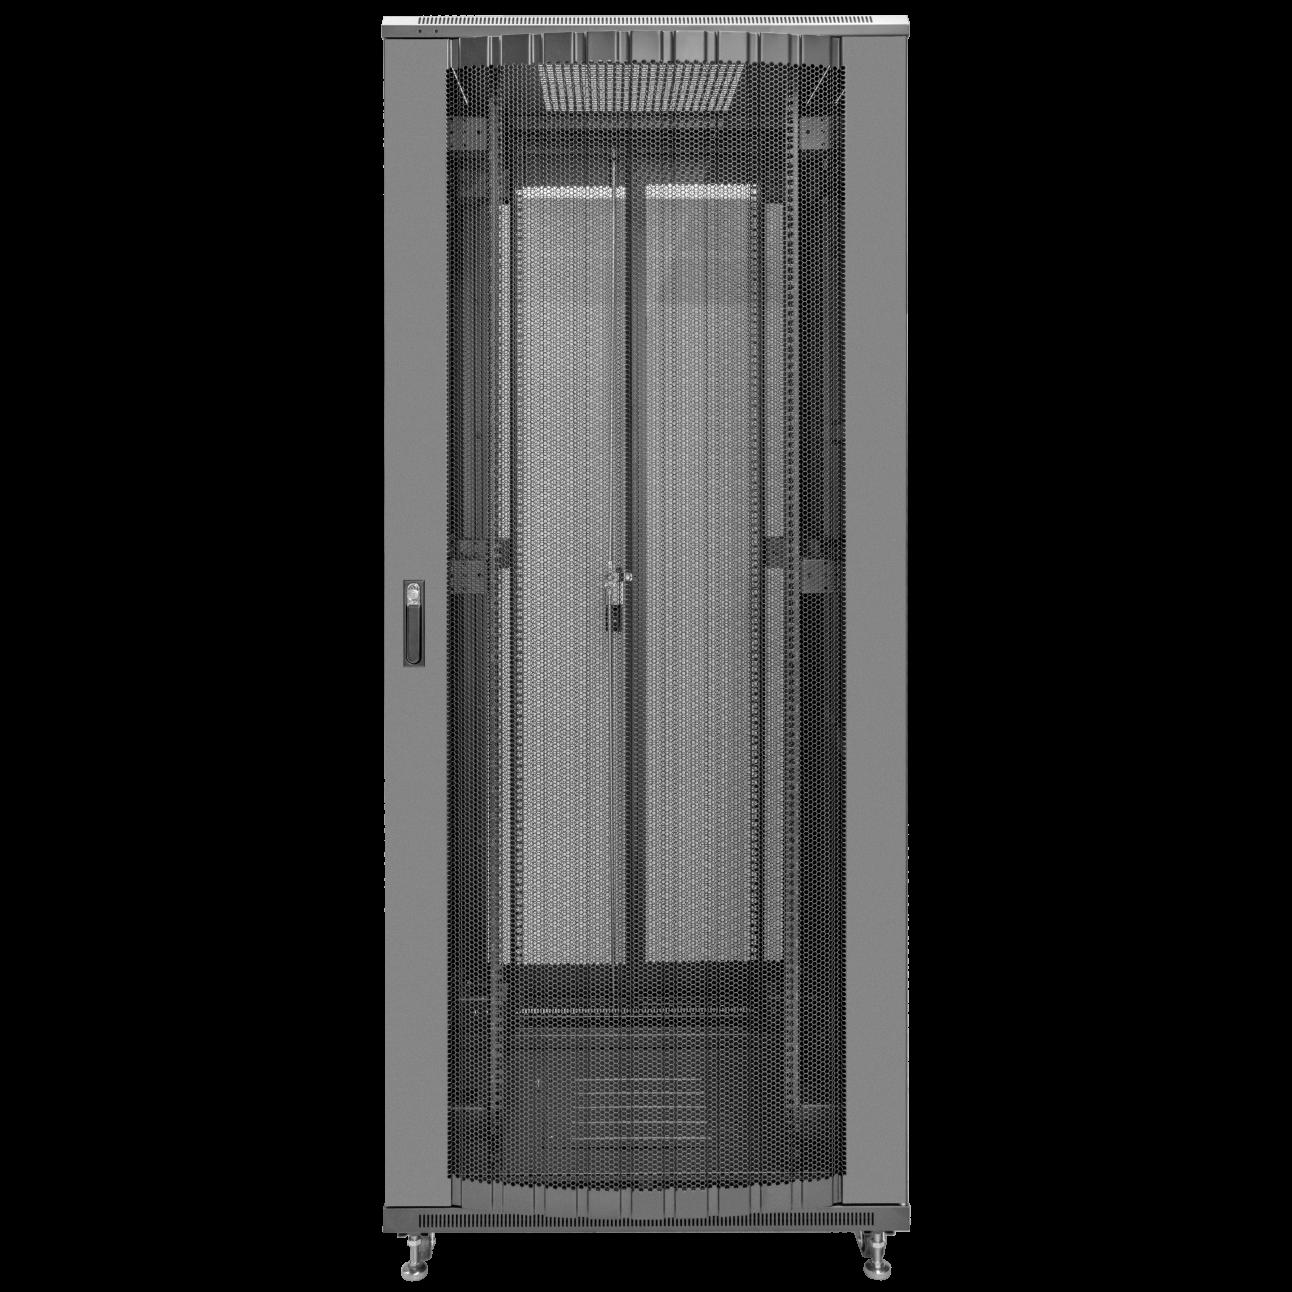 Шкаф телекоммуникационный напольный 47U 800x800мм, серия TFC (SNR-TFC-478080-CPDP-B)